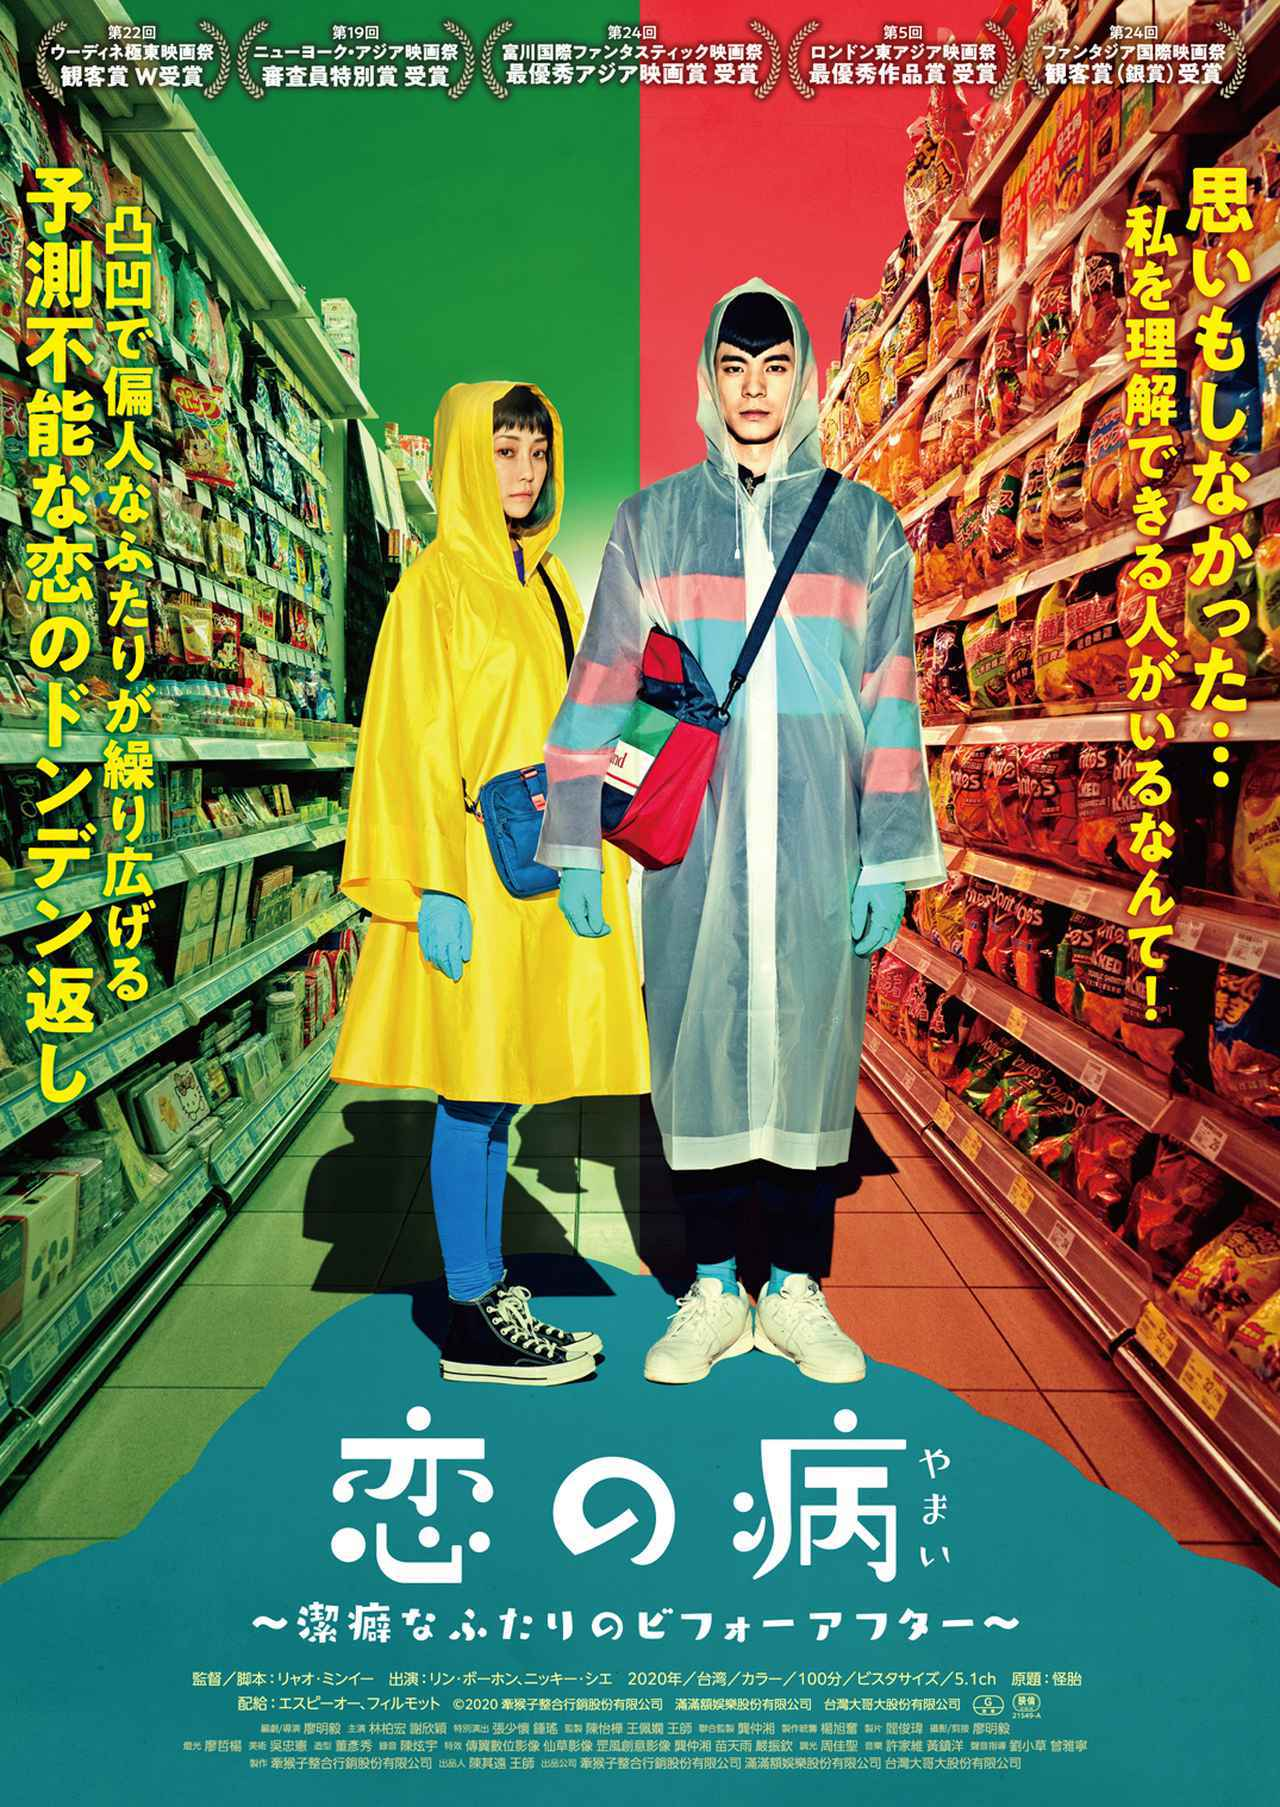 画像1: ©2020 Activator Marketing Company / MAN MAN ER CO., LTD / Taiwan Mobile Co., Ltd.